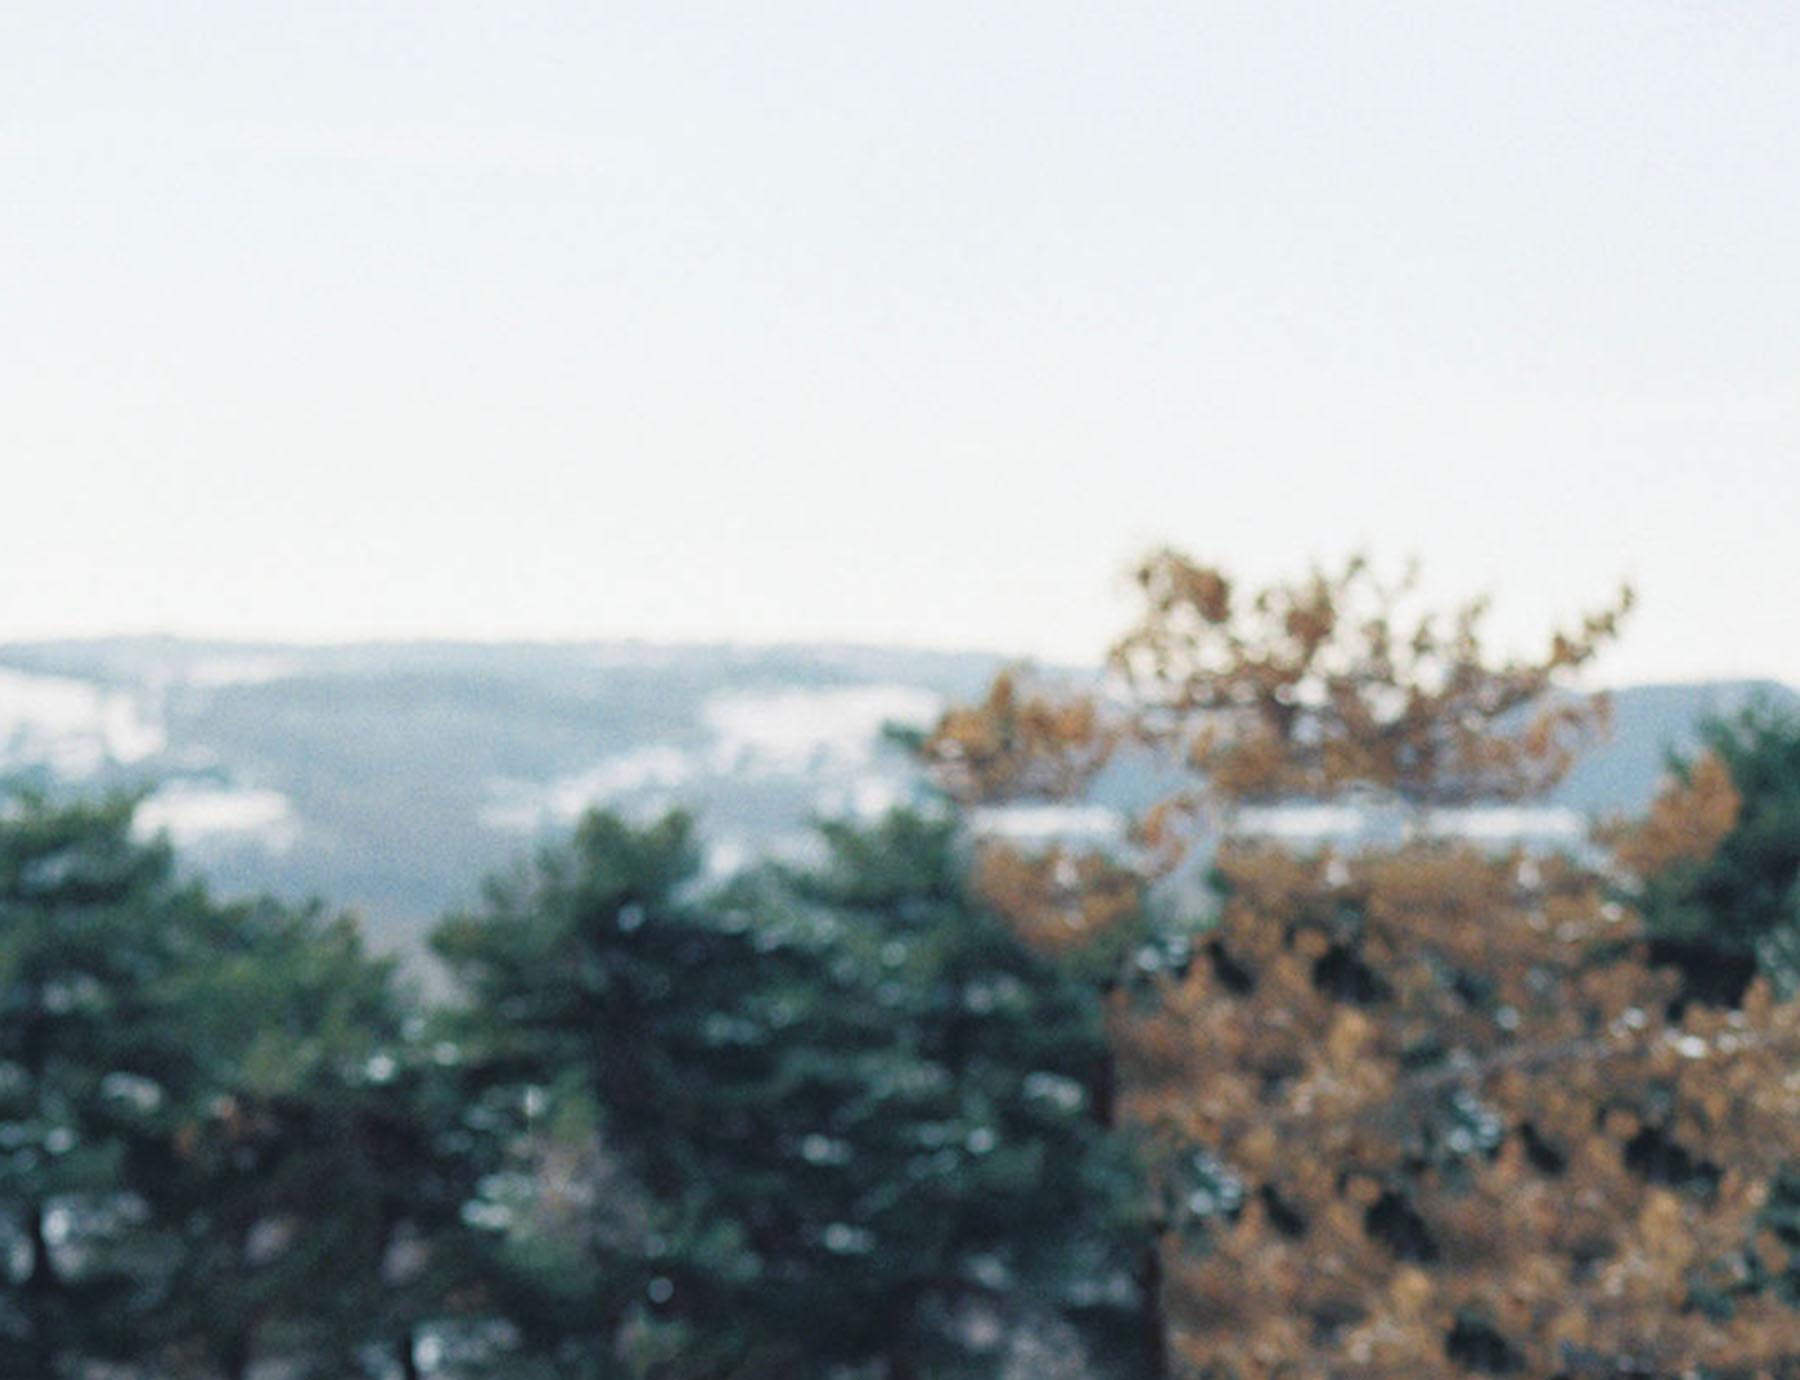 kateweinsteinphoto_trees4.jpg